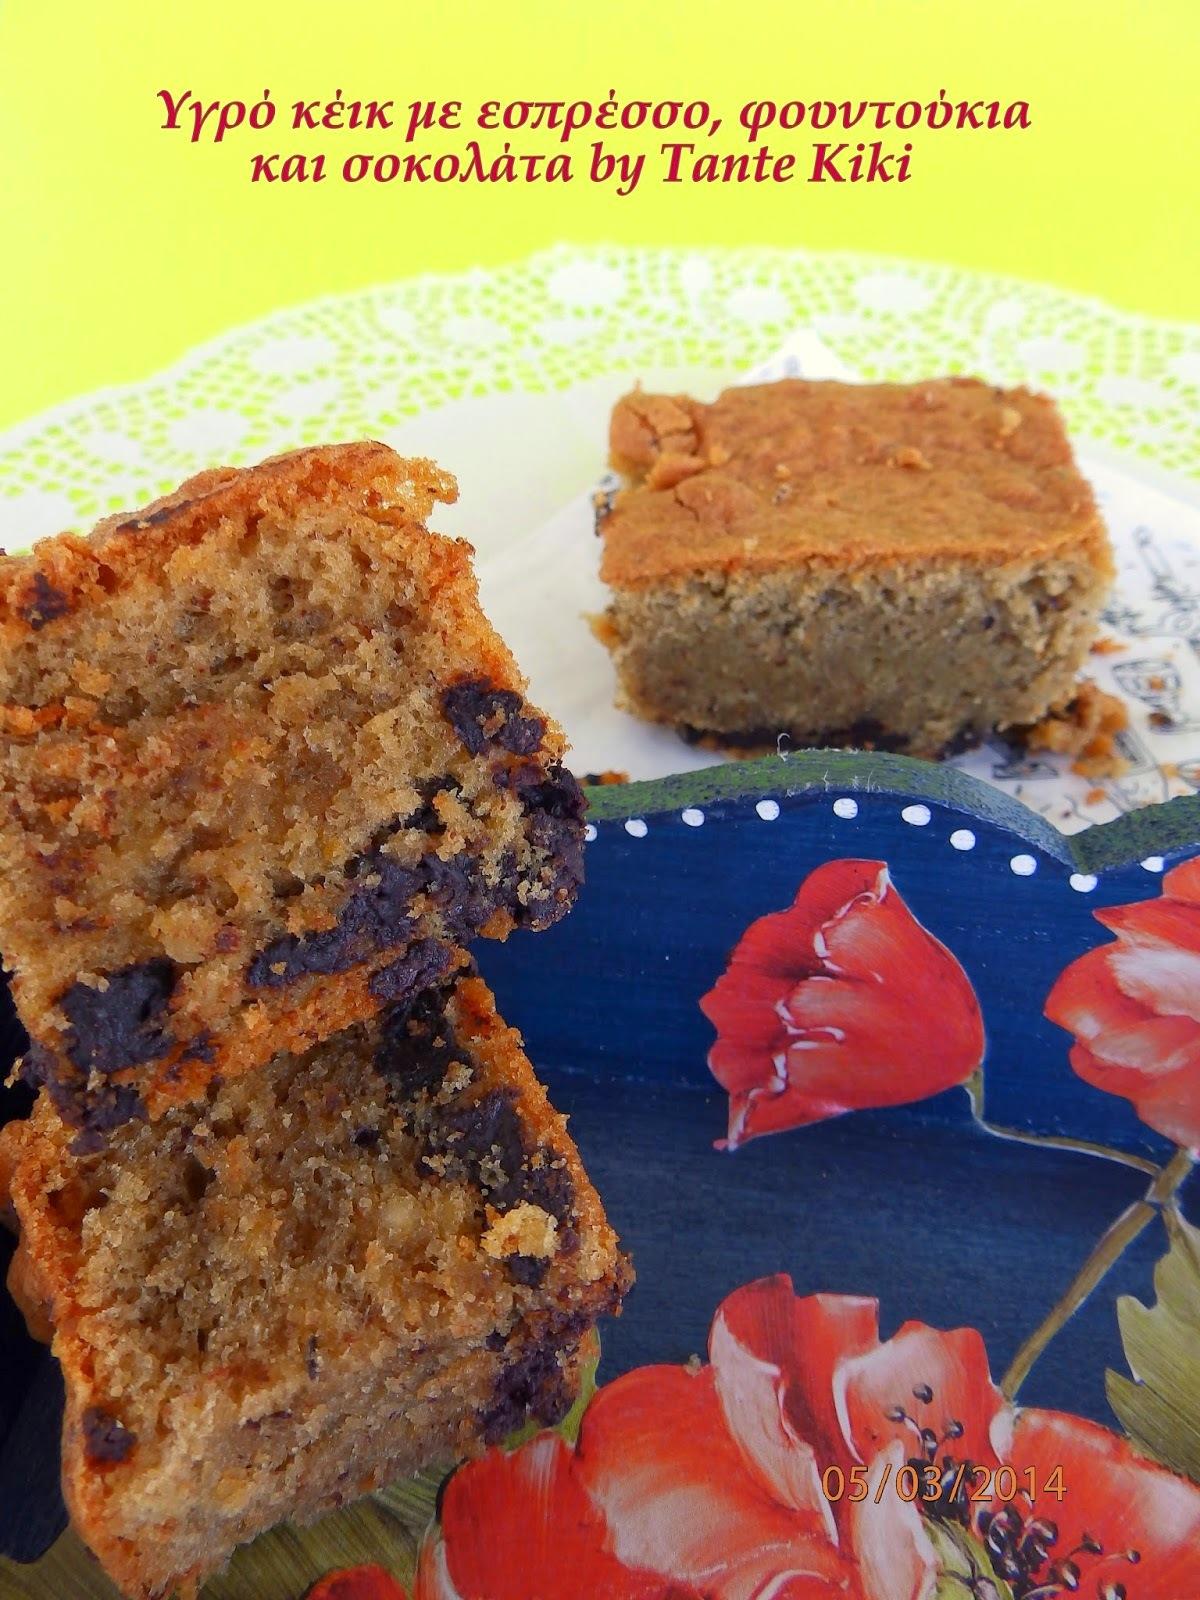 Υγρό κέικ ταψιού με εσπρέσσο και φουντούκια